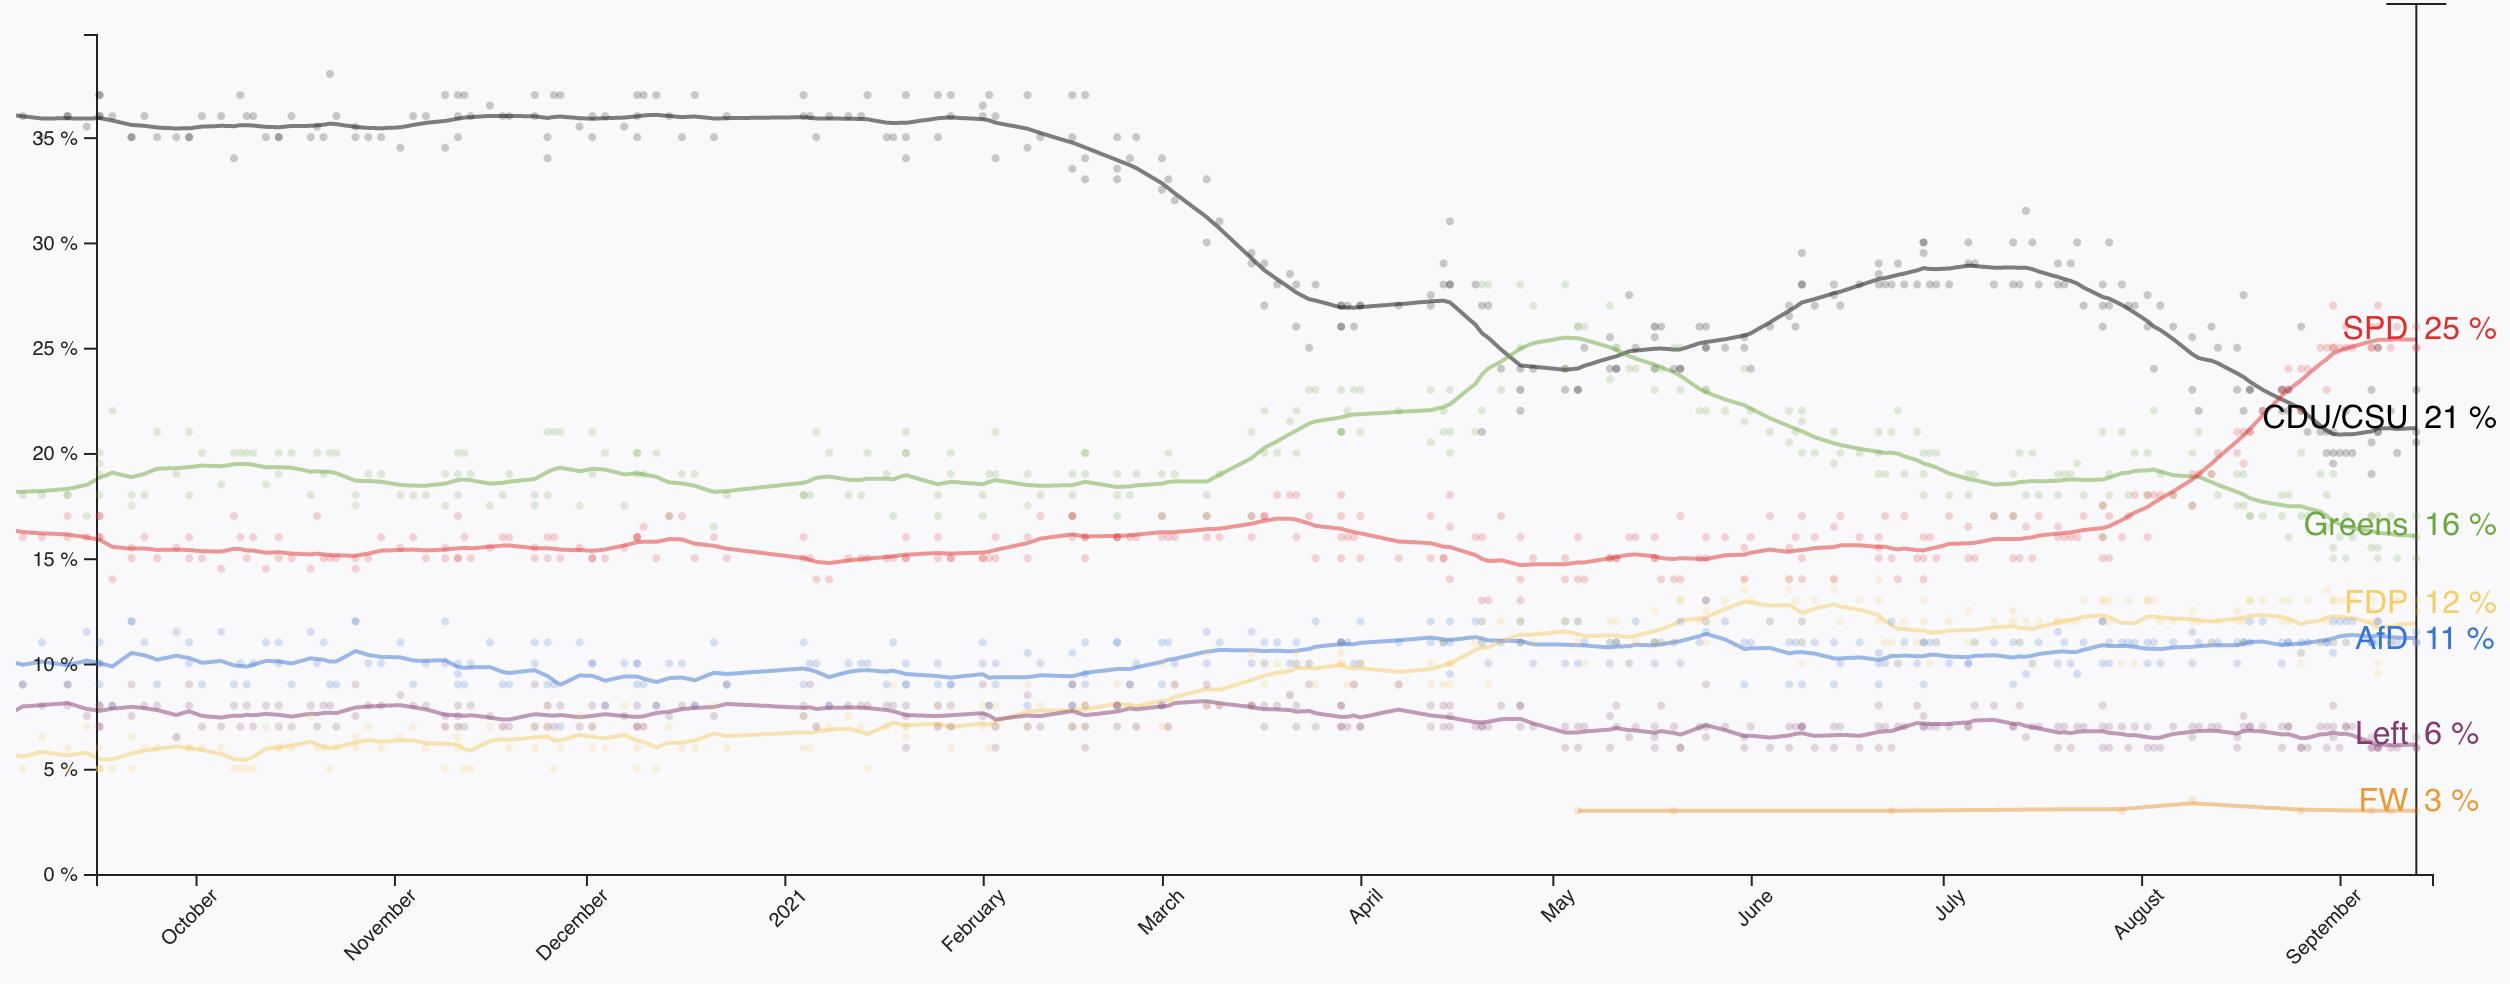 Güvenilir anketlerin ortalaması, Politico, 15 Eylül 2021.